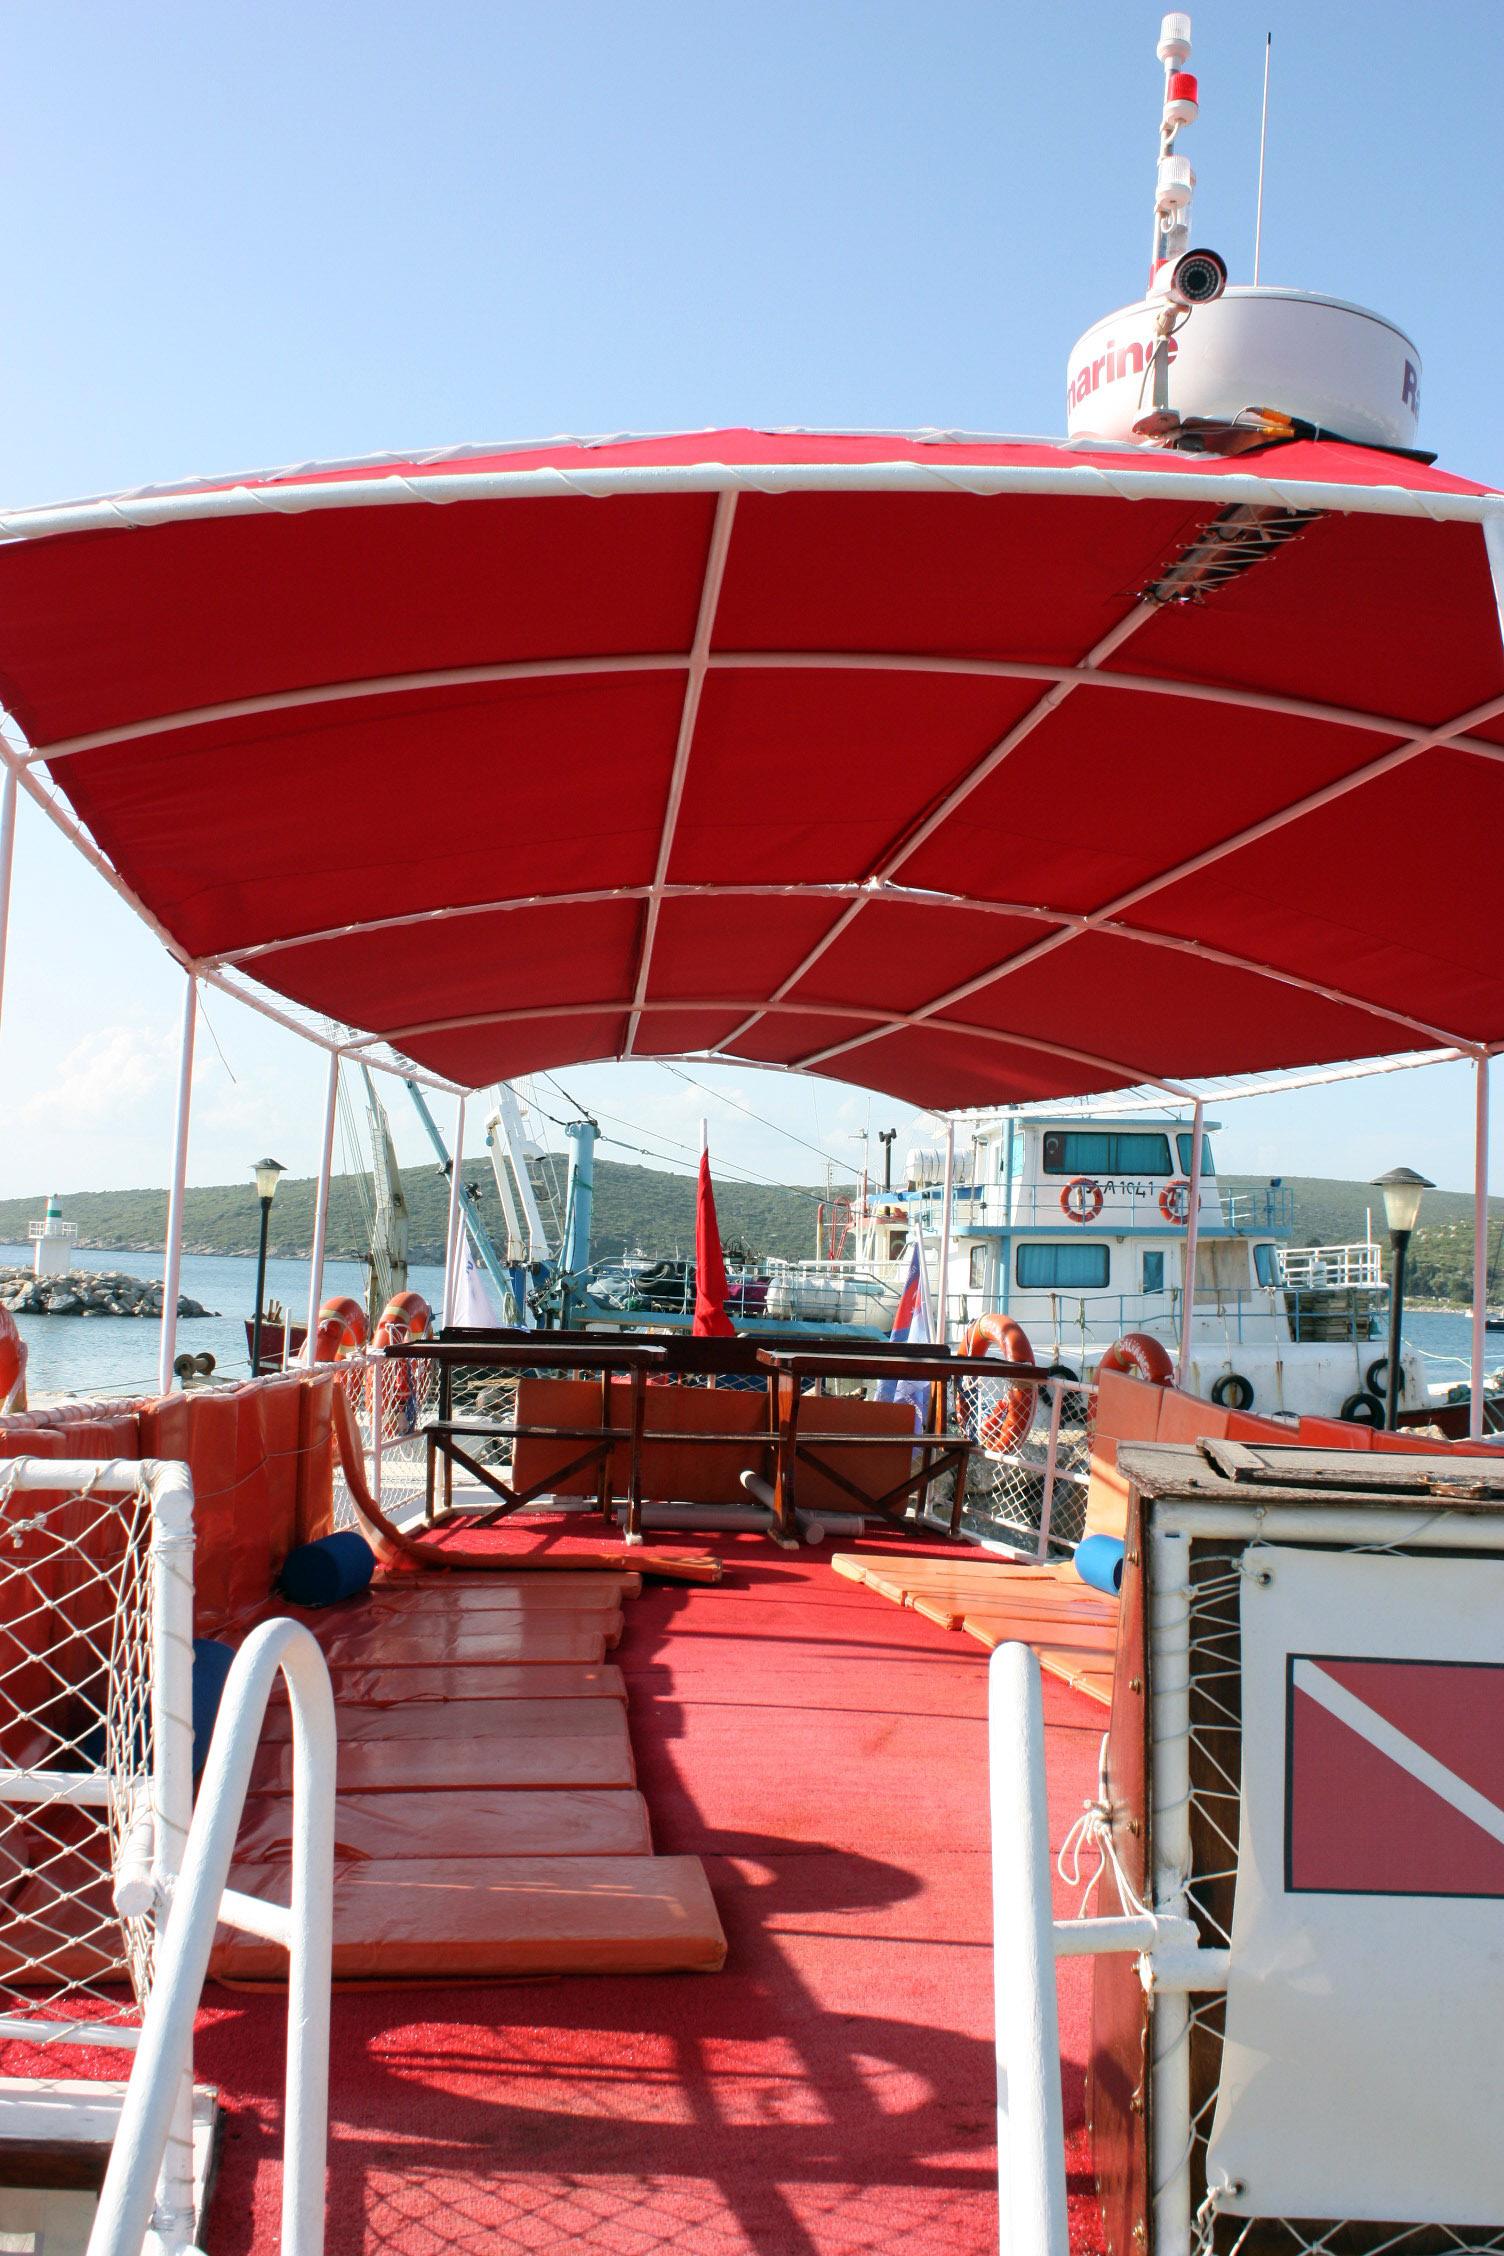 Sığacık balıkçı barınağı Salyangoz teknesi İrtibat: Togan Bayman tel: 530 664 65 22